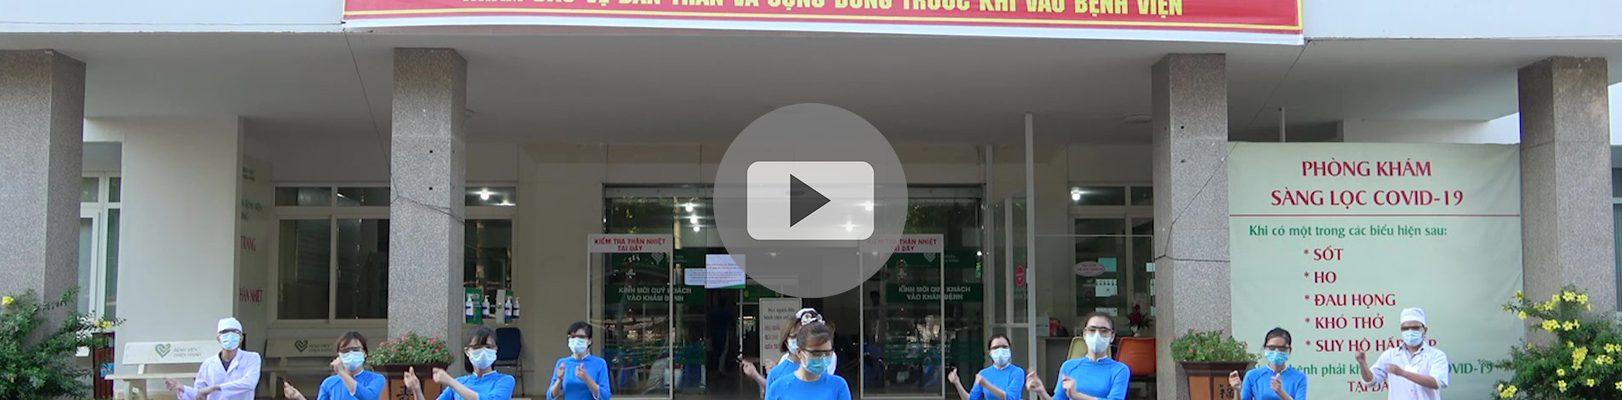 Bệnh Viện Thiện Hạnh: Clip Nhảy Ghen Cô Vy